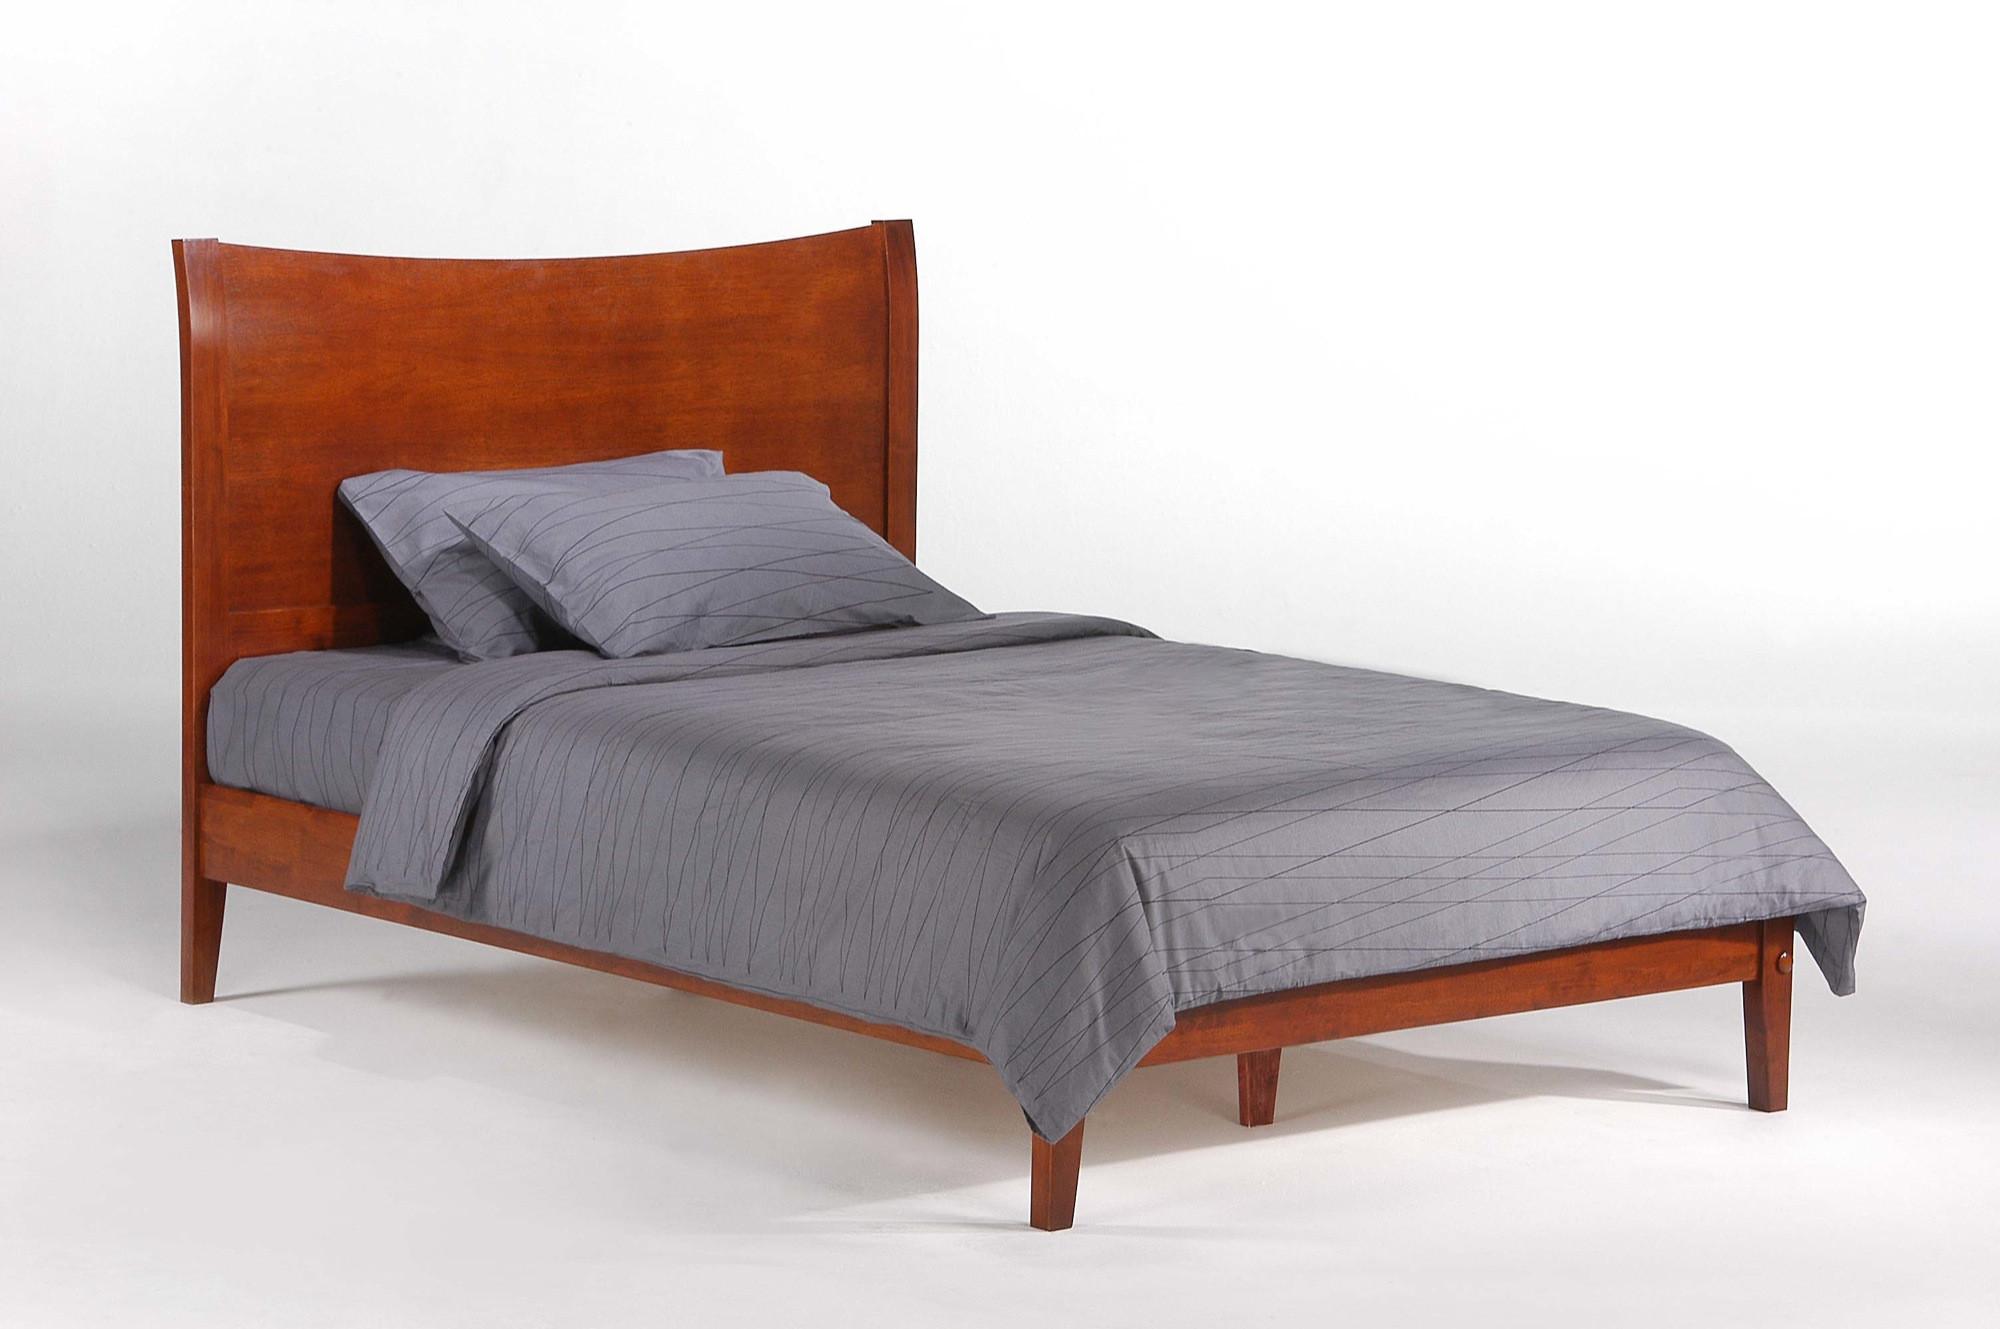 blackpepper bed full cherry.jpg